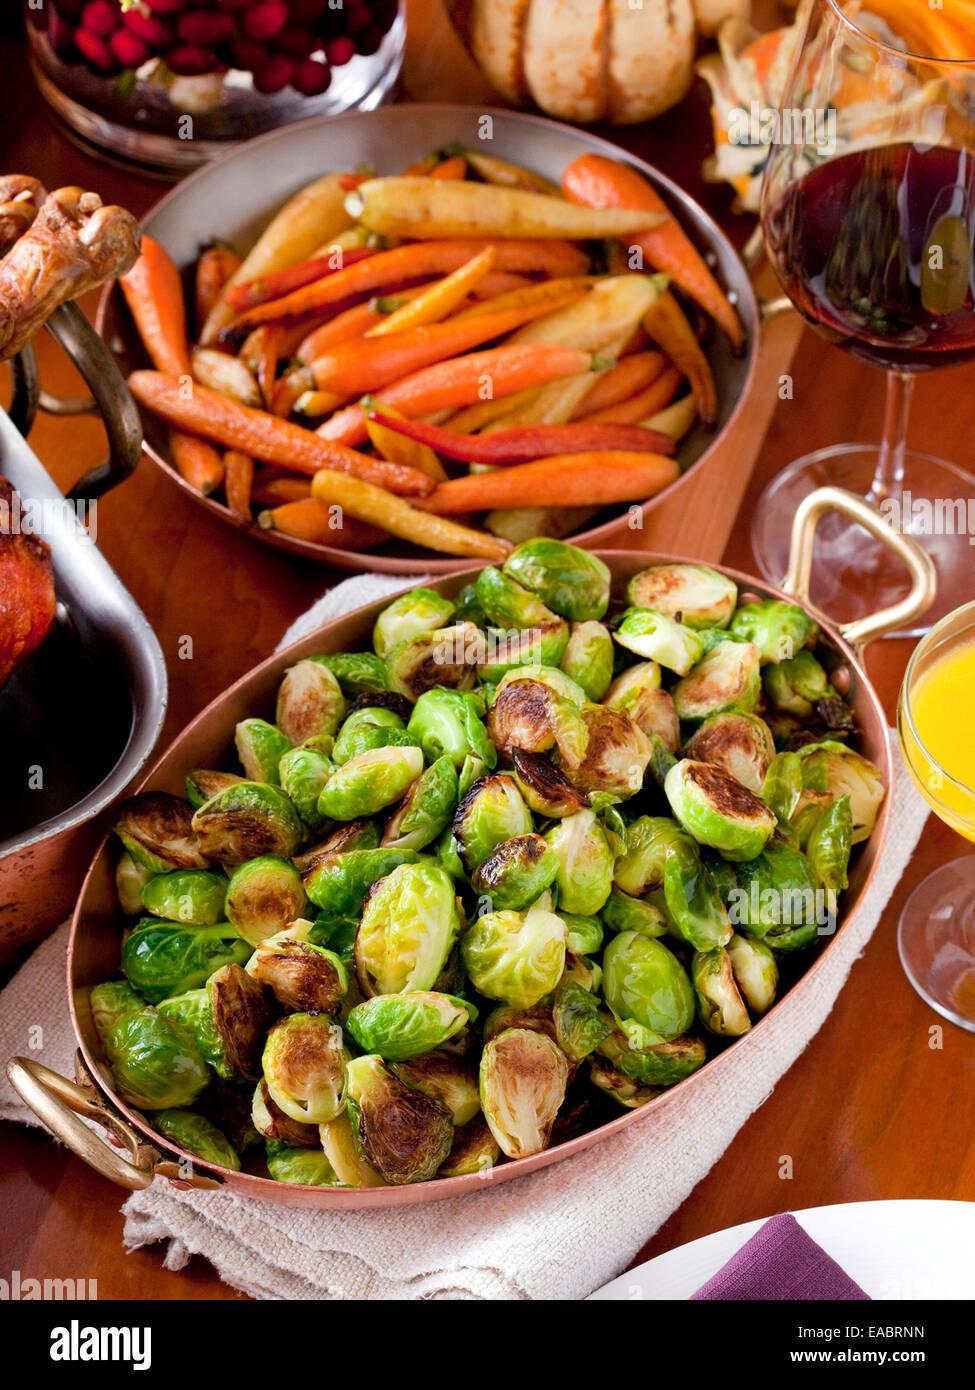 Choux de Bruxelles Carottes cuisinées maison de repas de Thanksgiving vin dîner table familiale Photo Stock